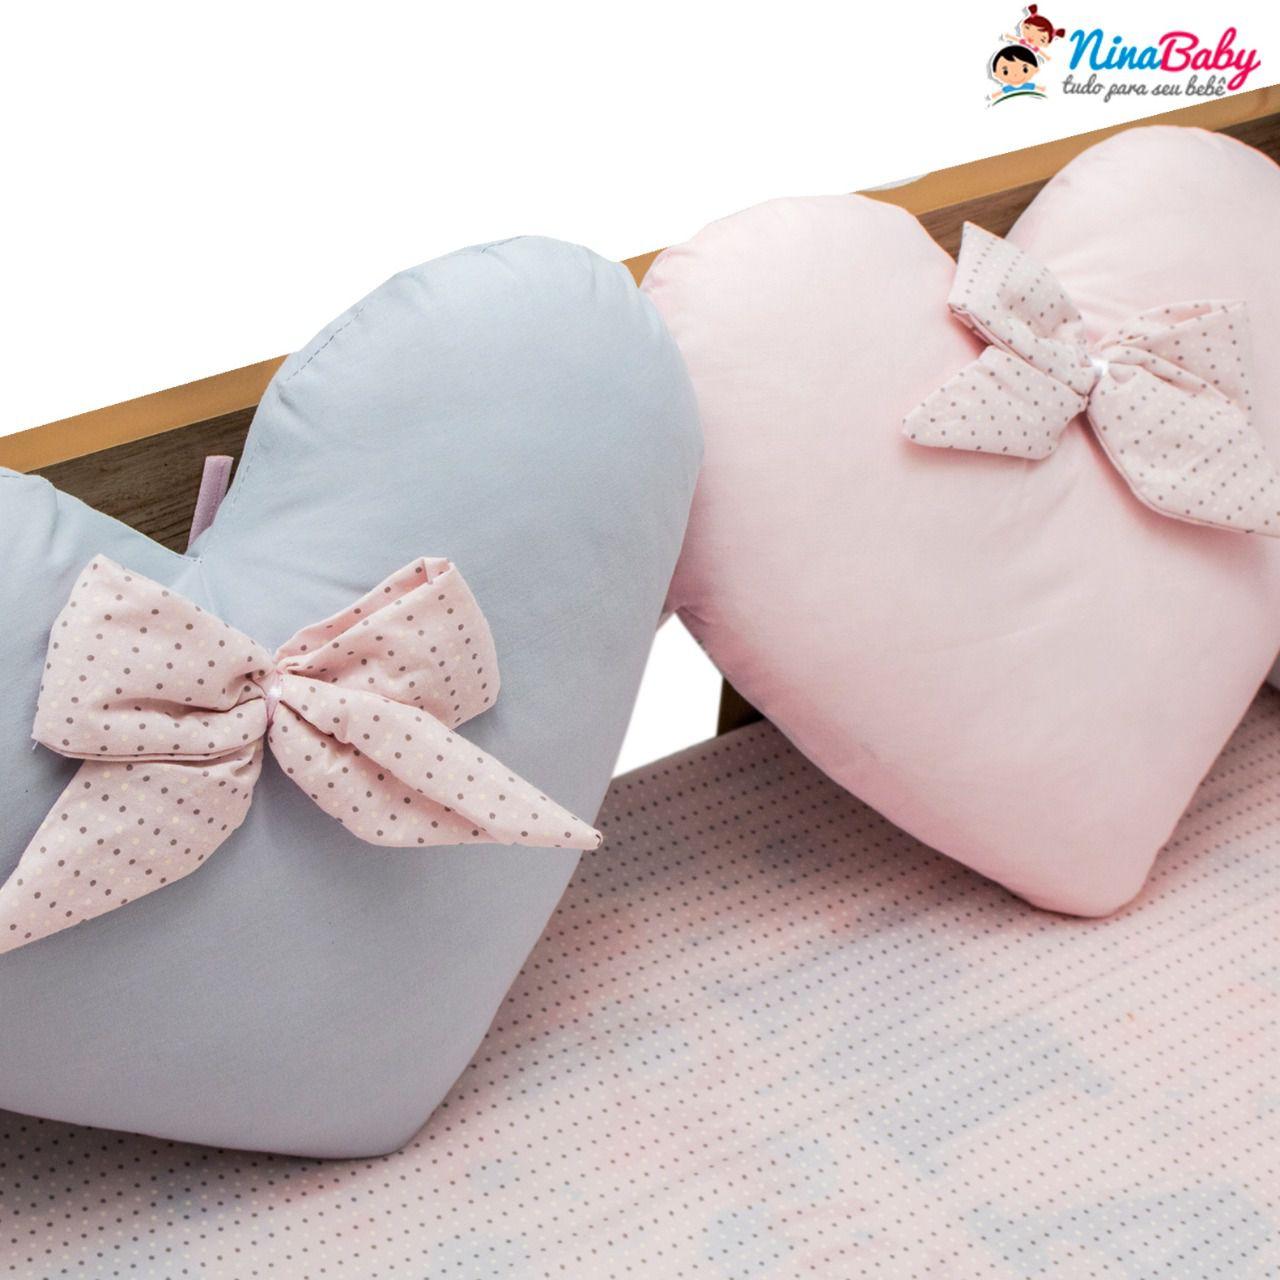 Kit de Berço  -  Almofadas de Coração